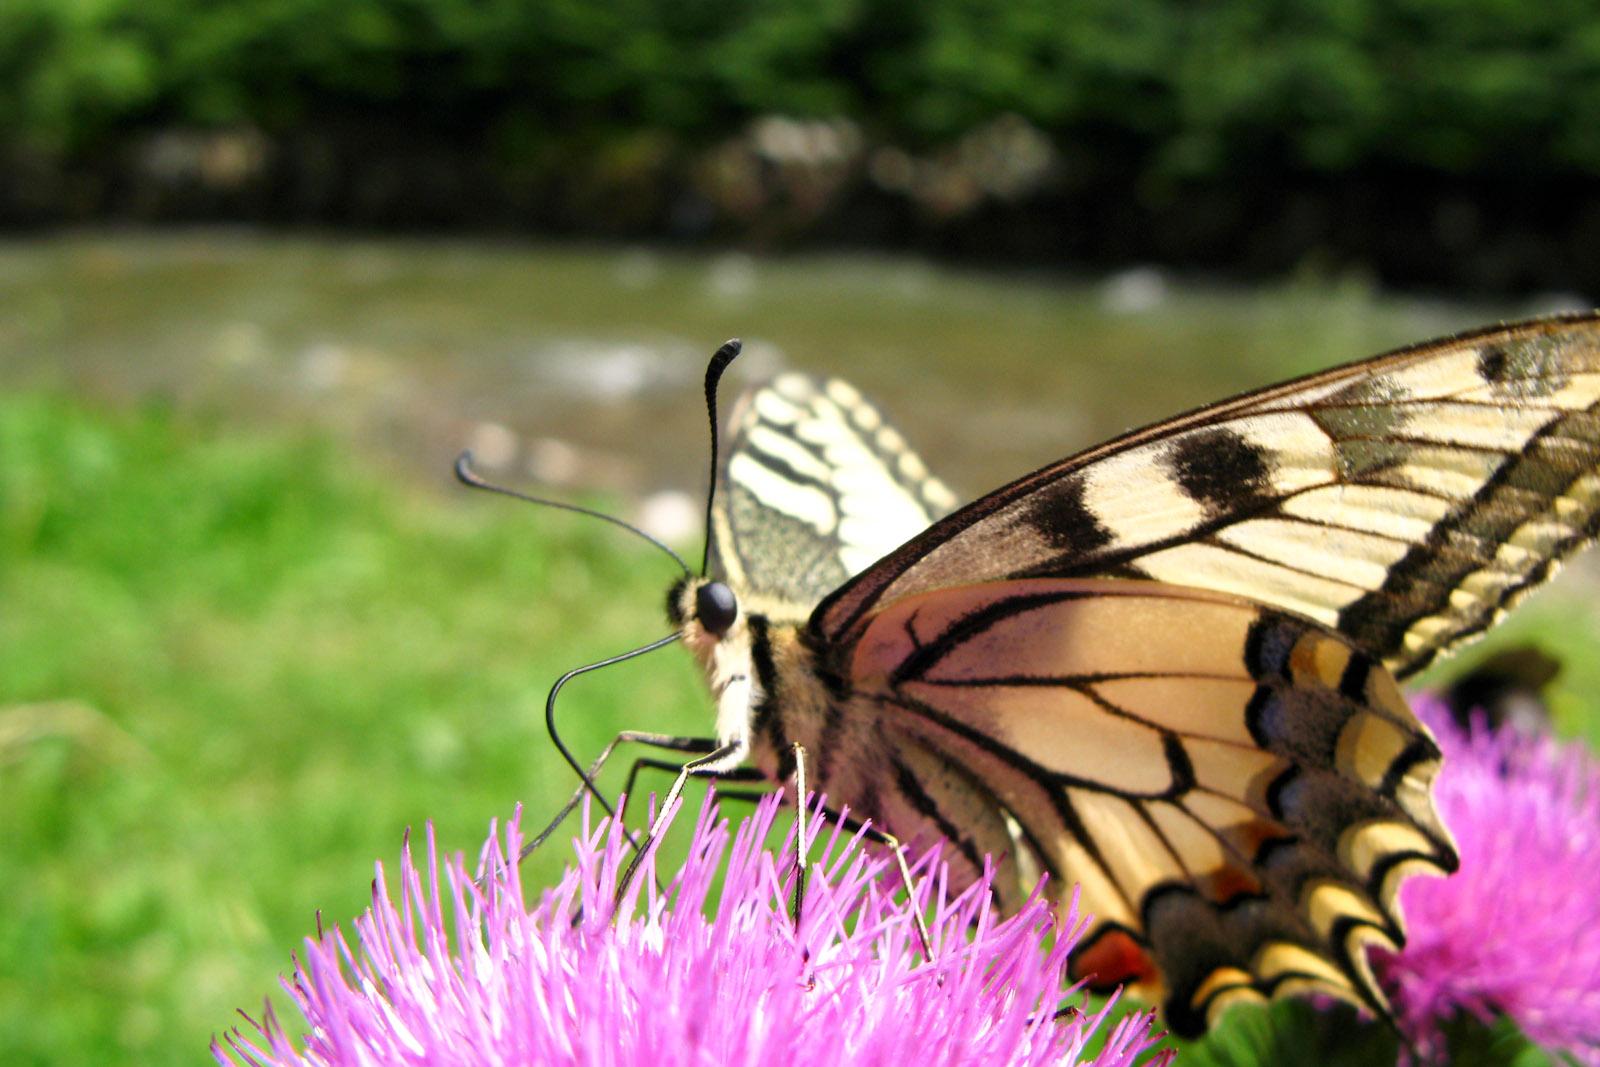 Koninginnenpage (Papilio machaon), Małe Ciche, Polen